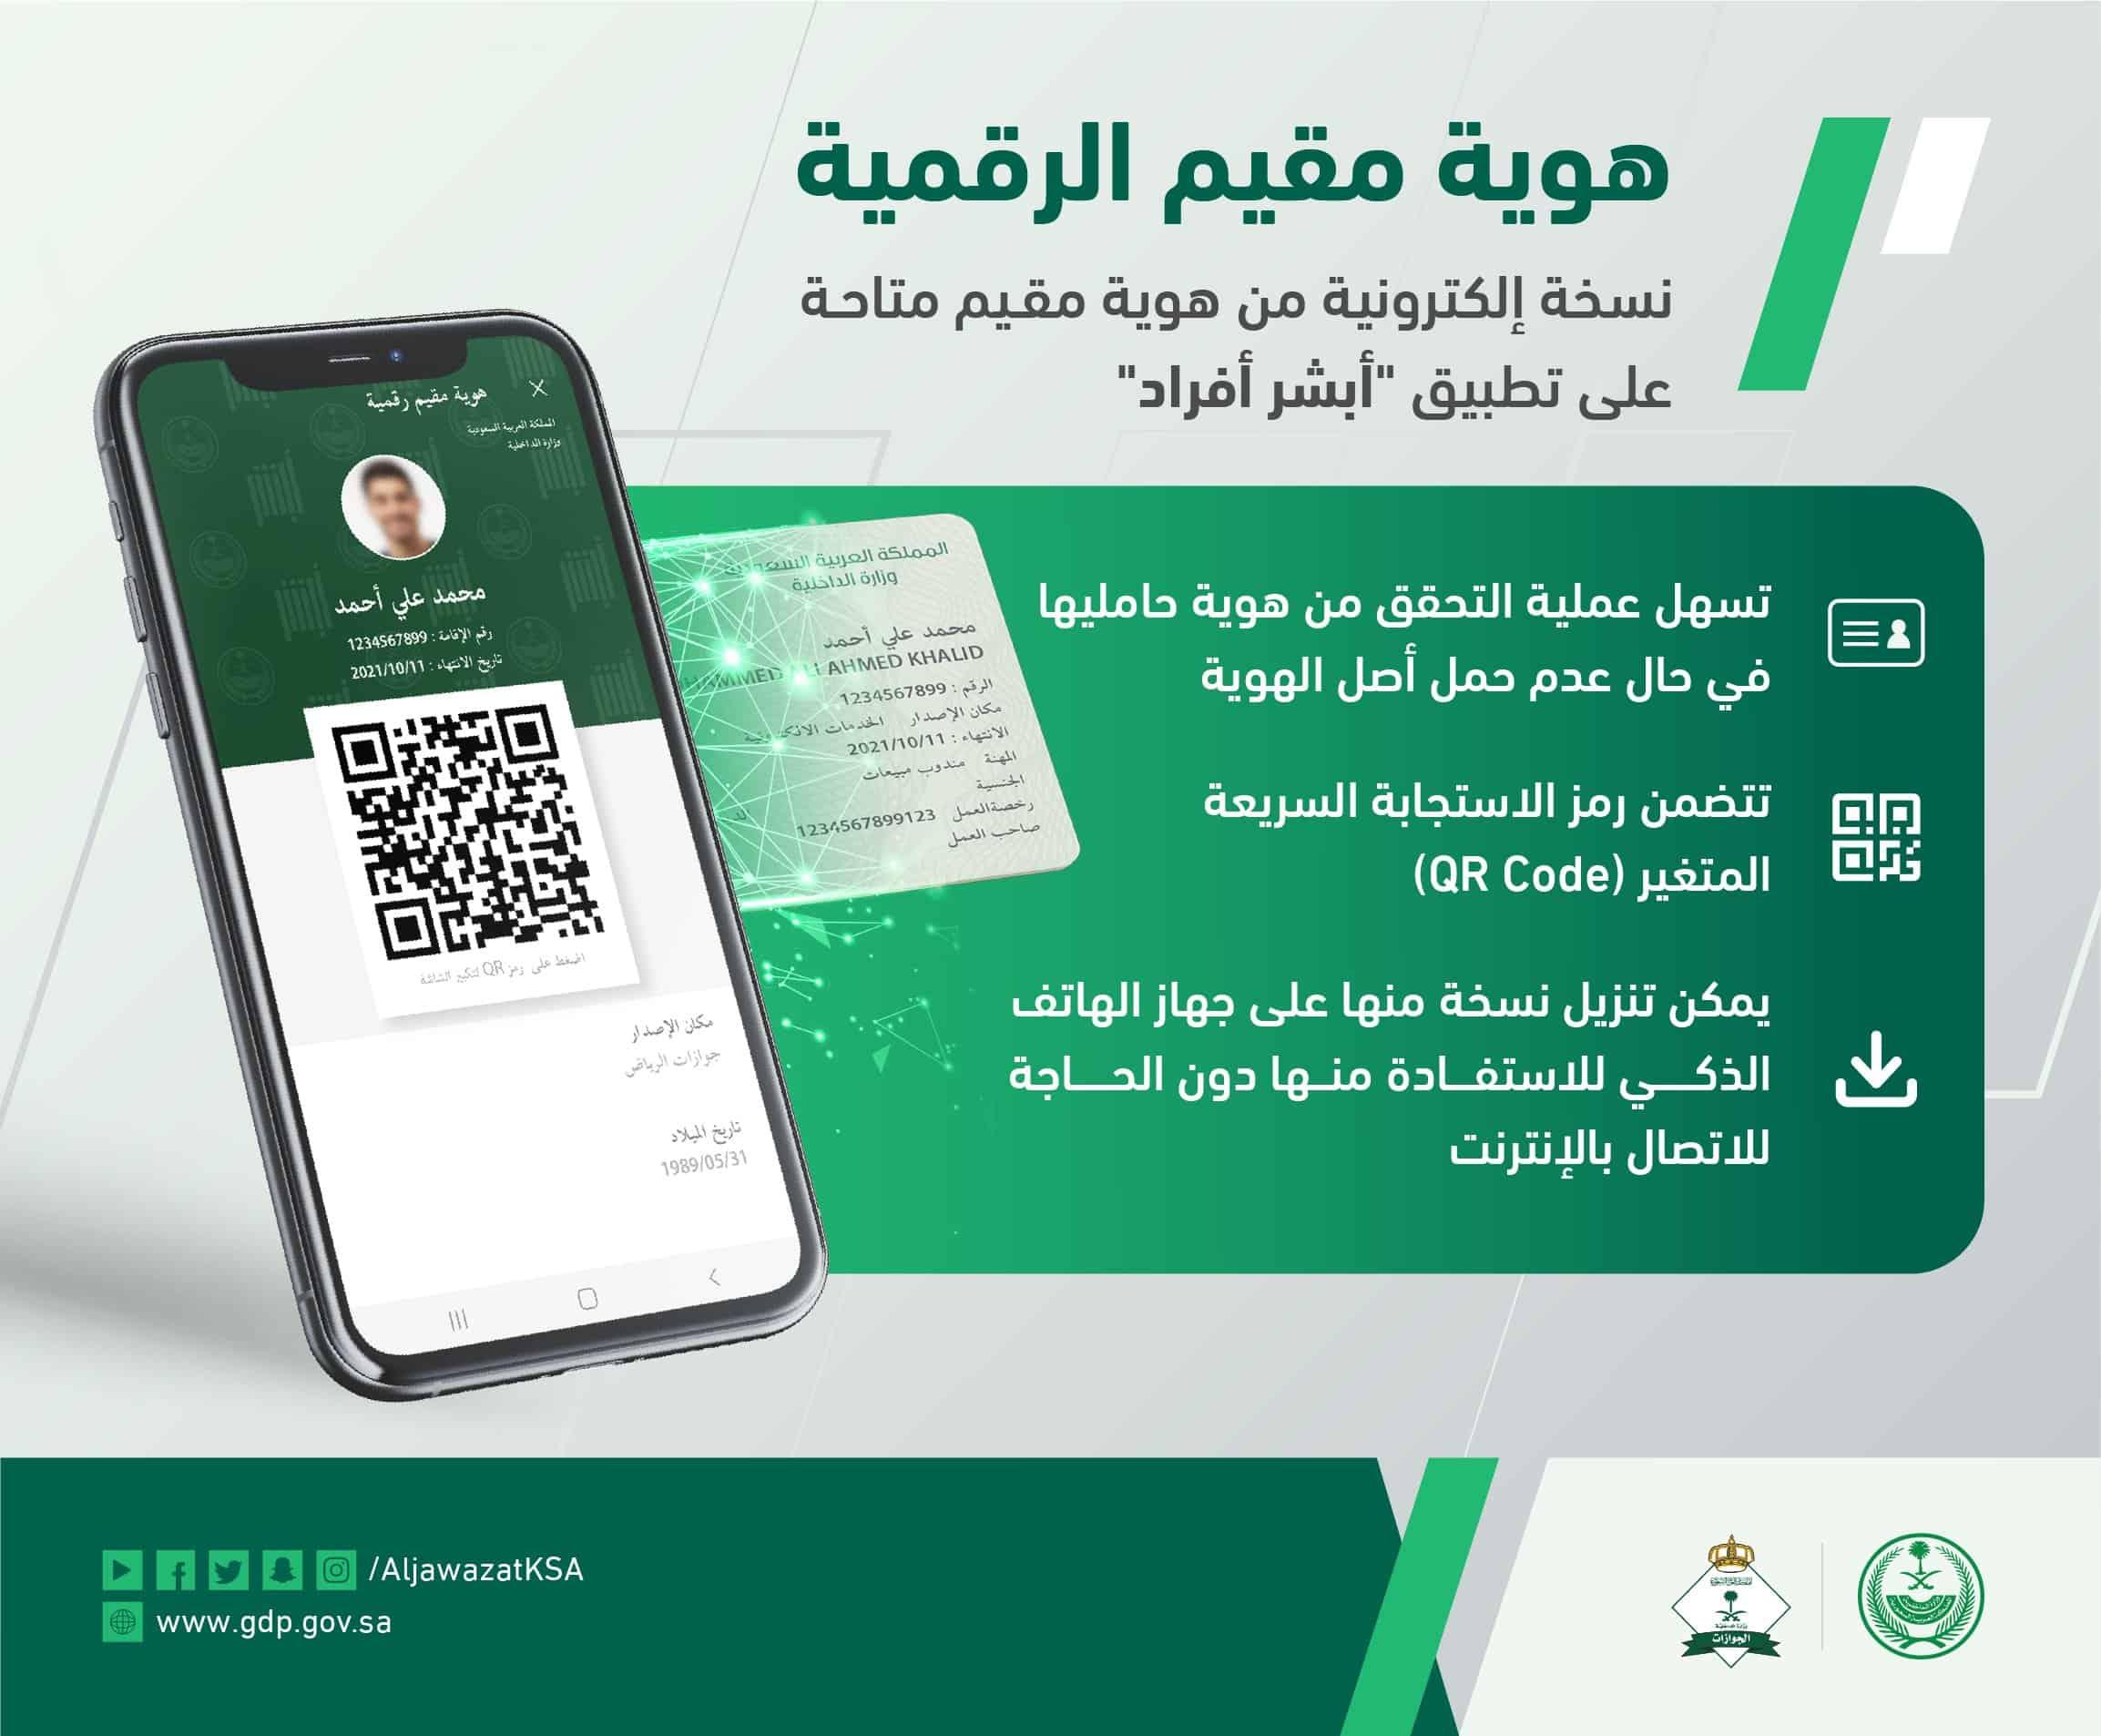 كيفية تفعيل هوية مقيم الرقمية عبر تطبيق أبشر أفراد الجوازات